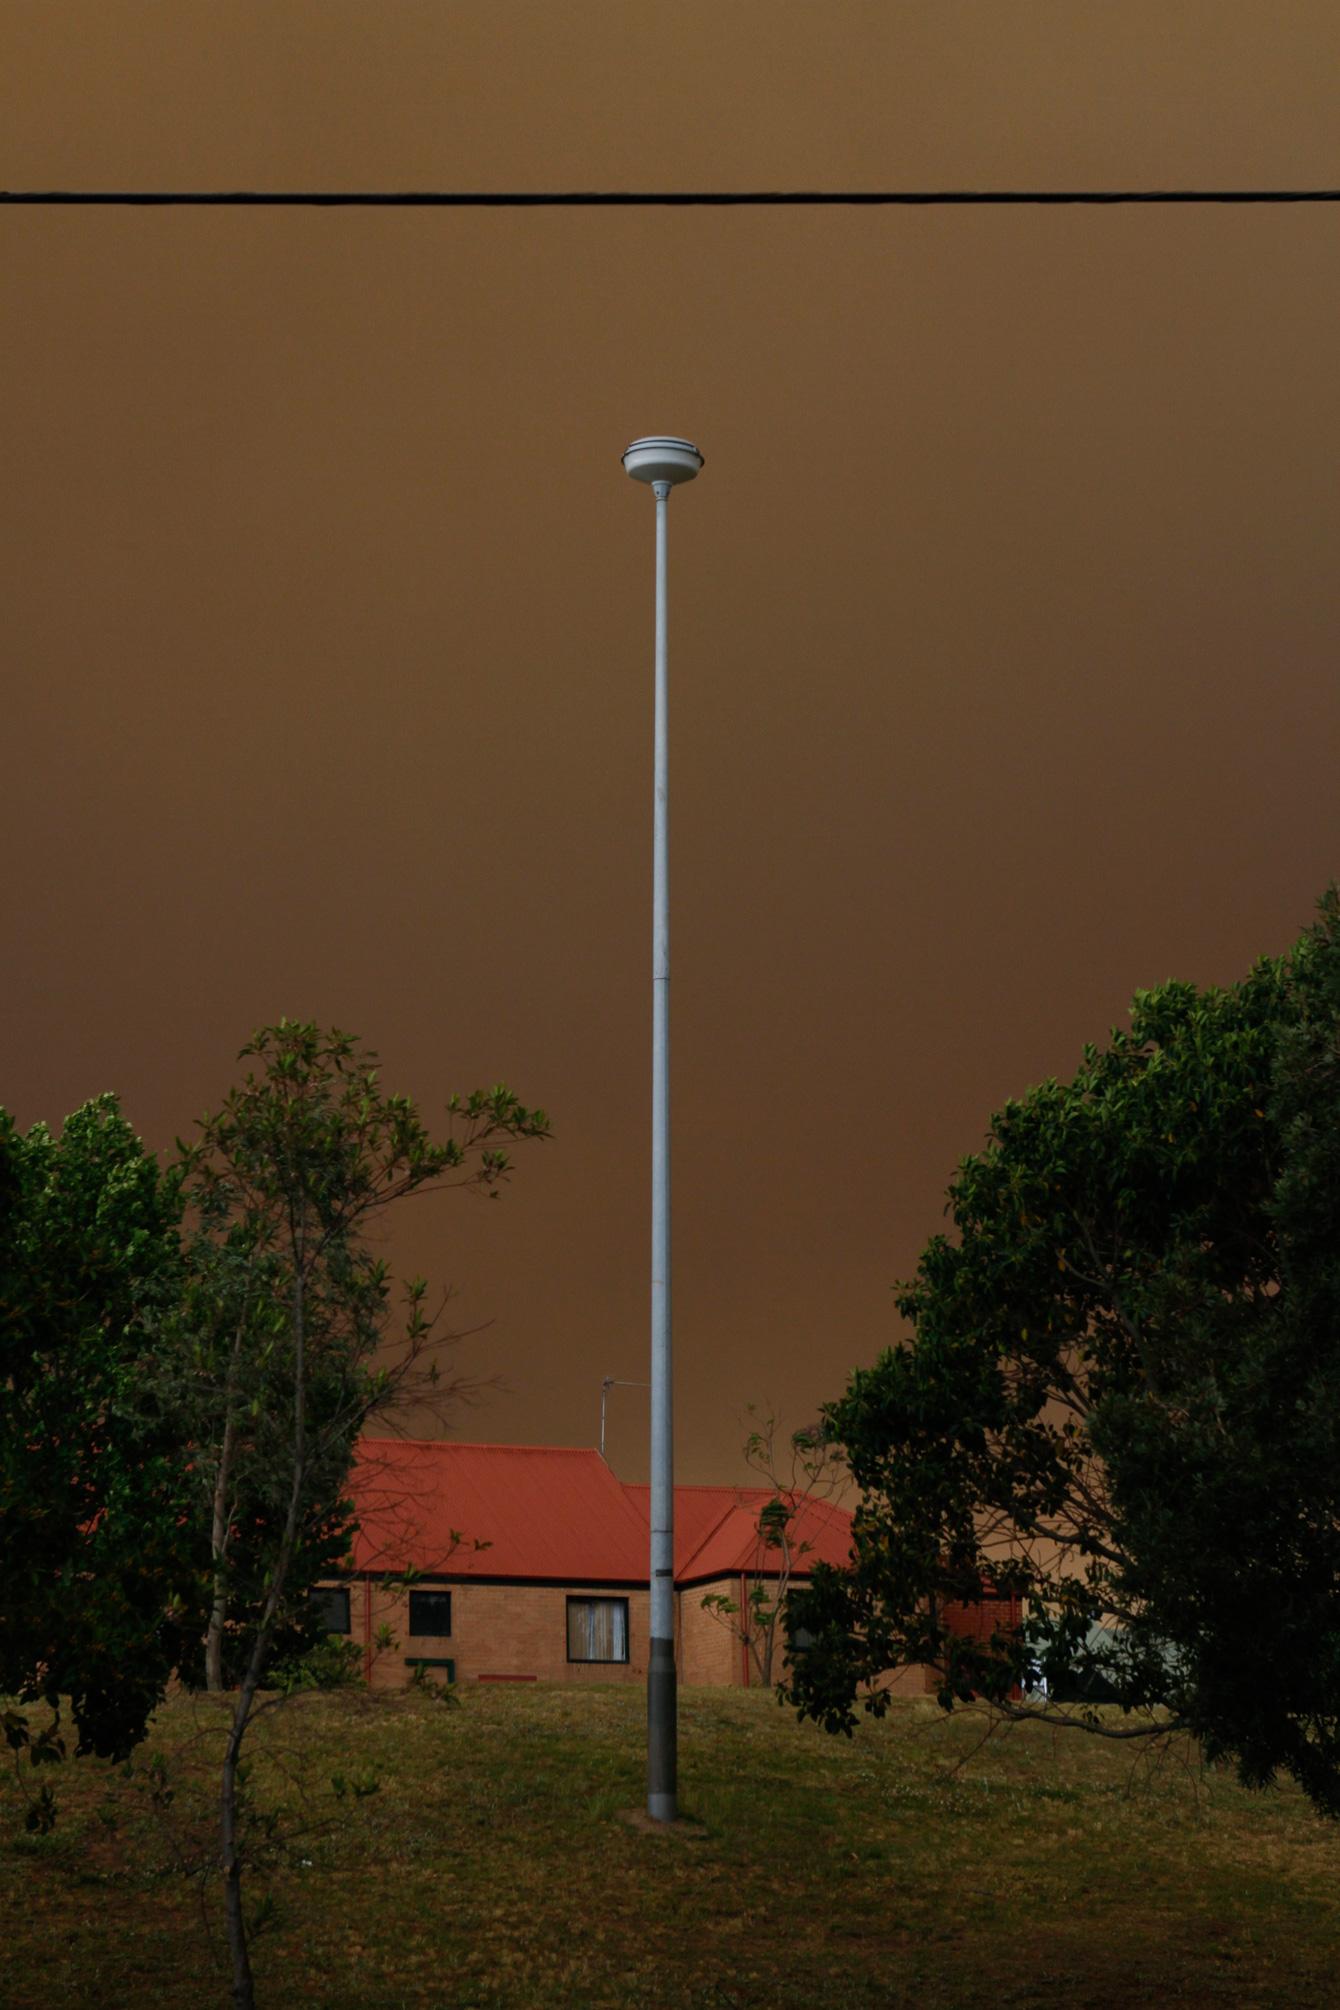 sydney-bushfires-innerwest-newtown-erskineville-james-watkins